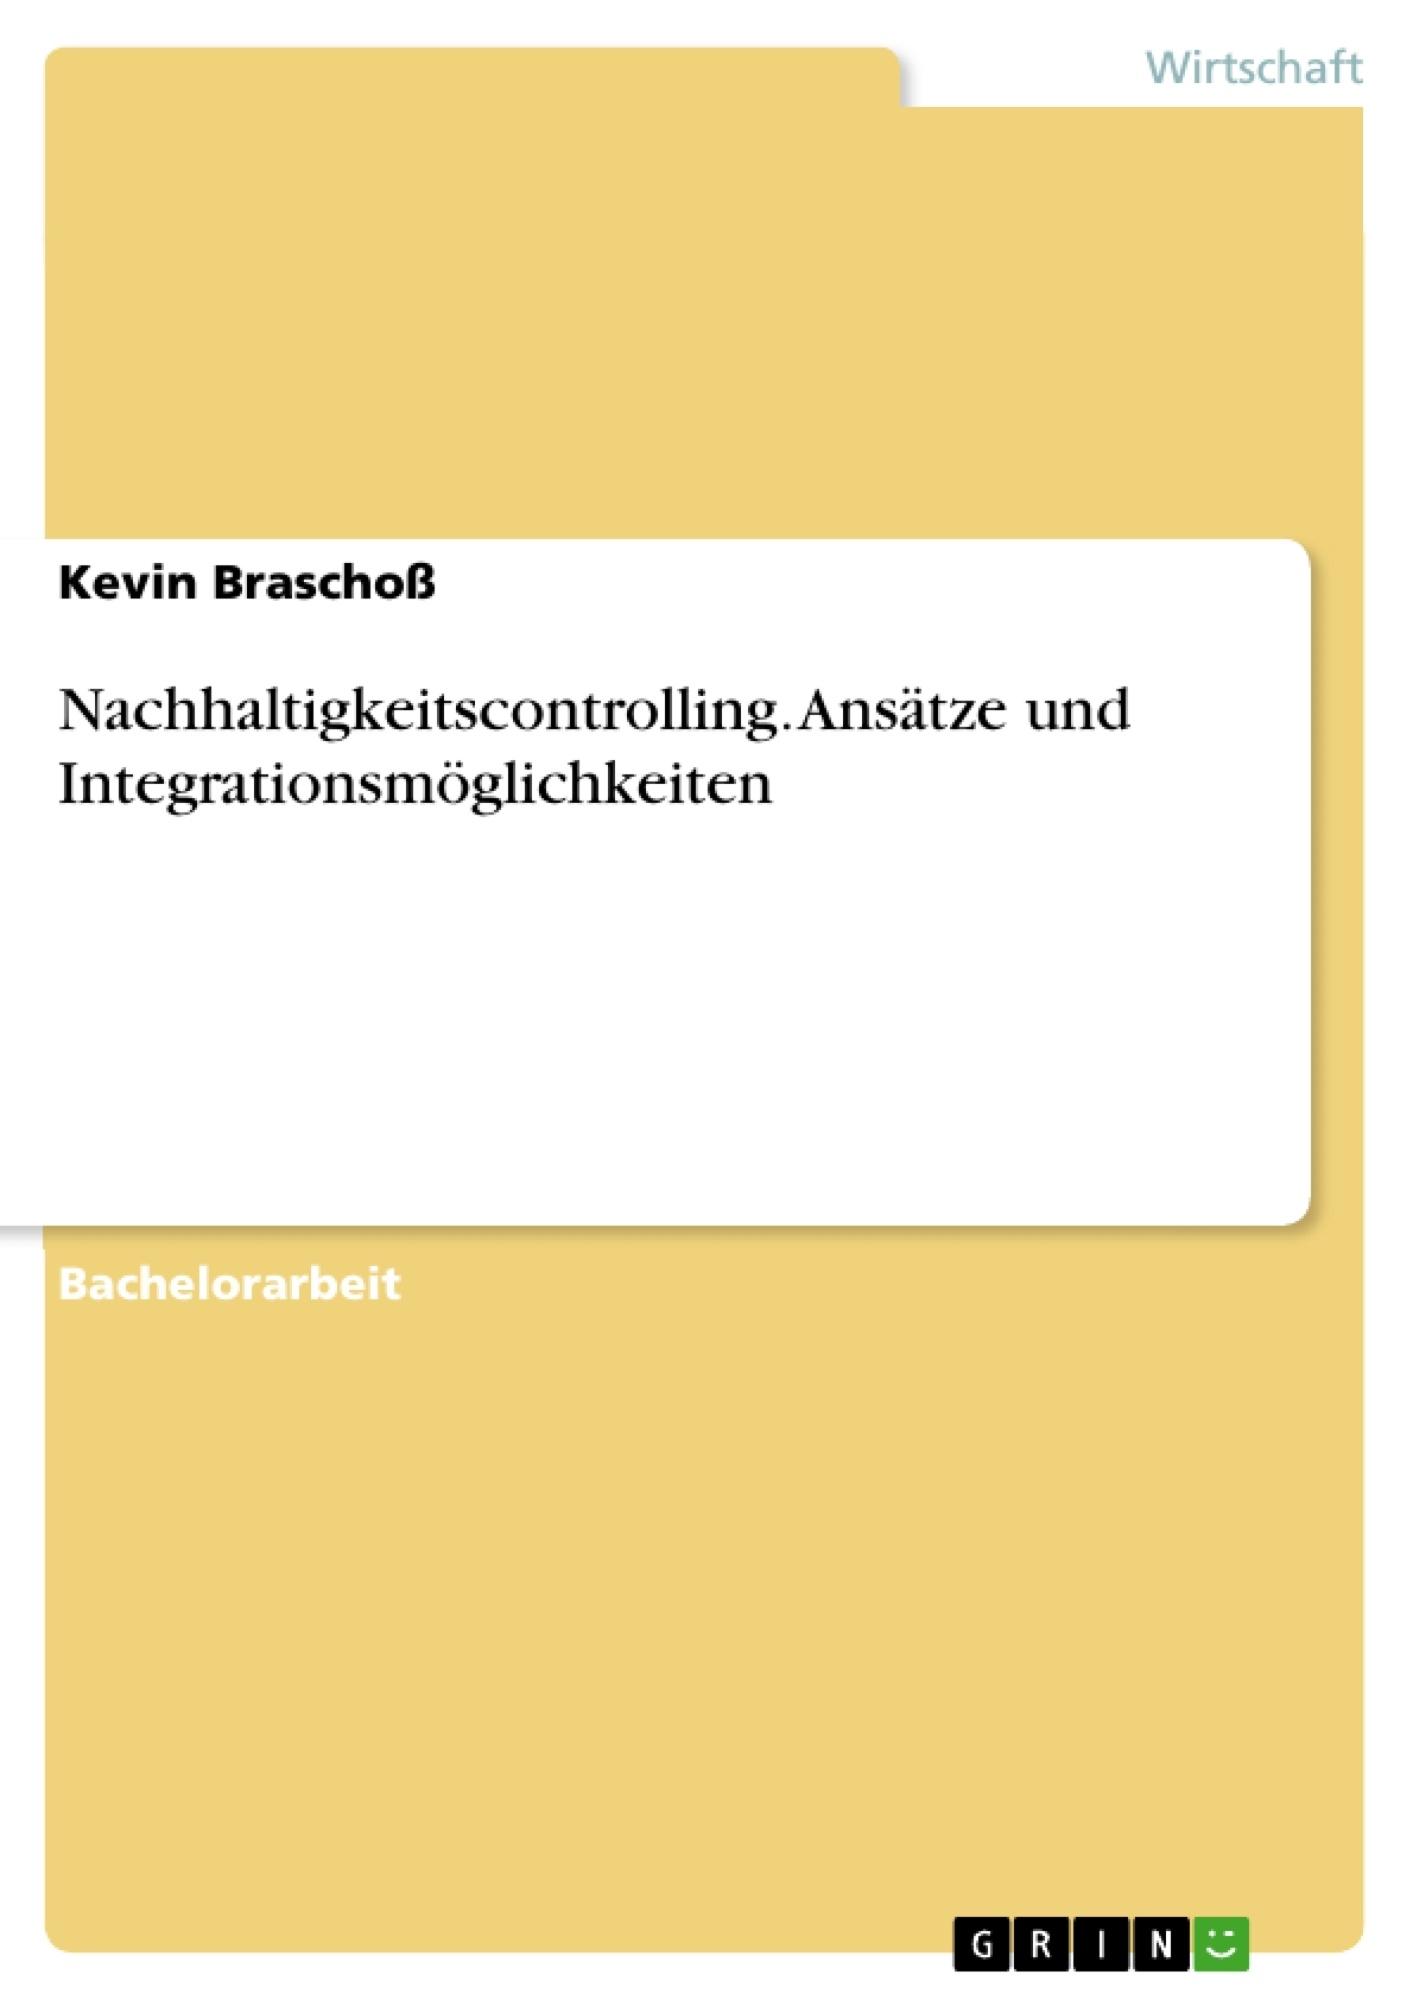 Titel: Nachhaltigkeitscontrolling. Ansätze und Integrationsmöglichkeiten